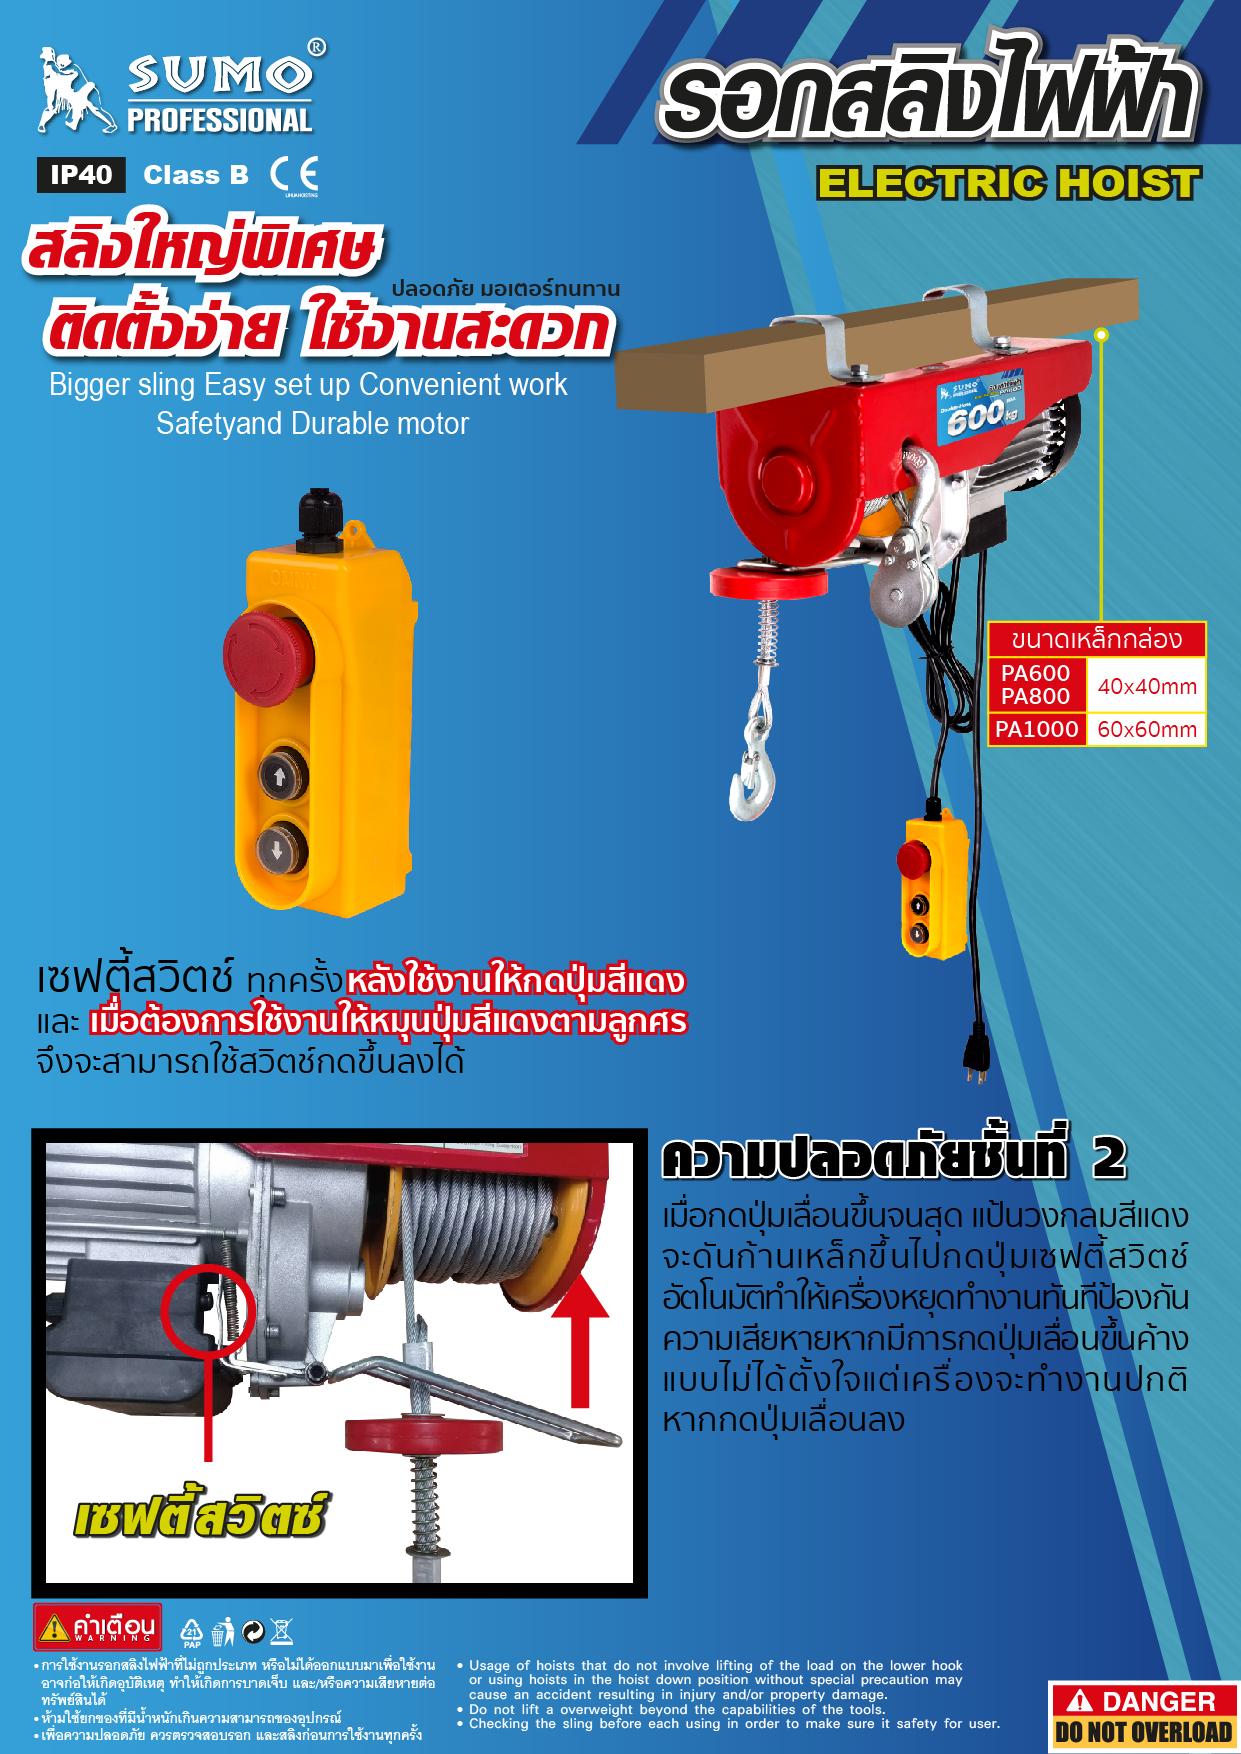 (6/7) รอกไฟฟ้า - Electric Hoist